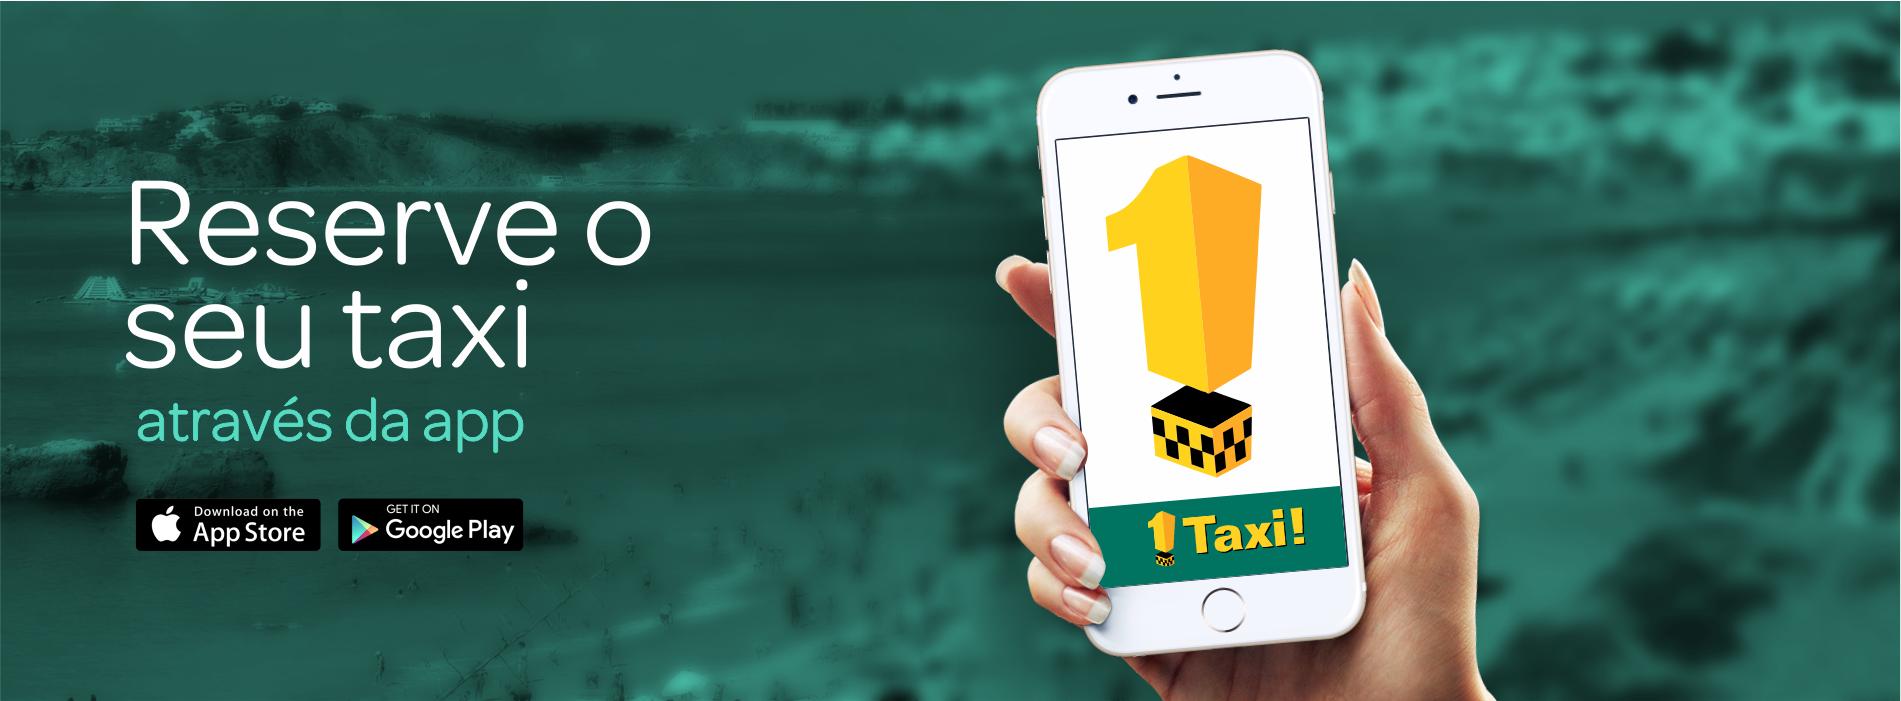 Descarregue a app da Taxis Albufeira